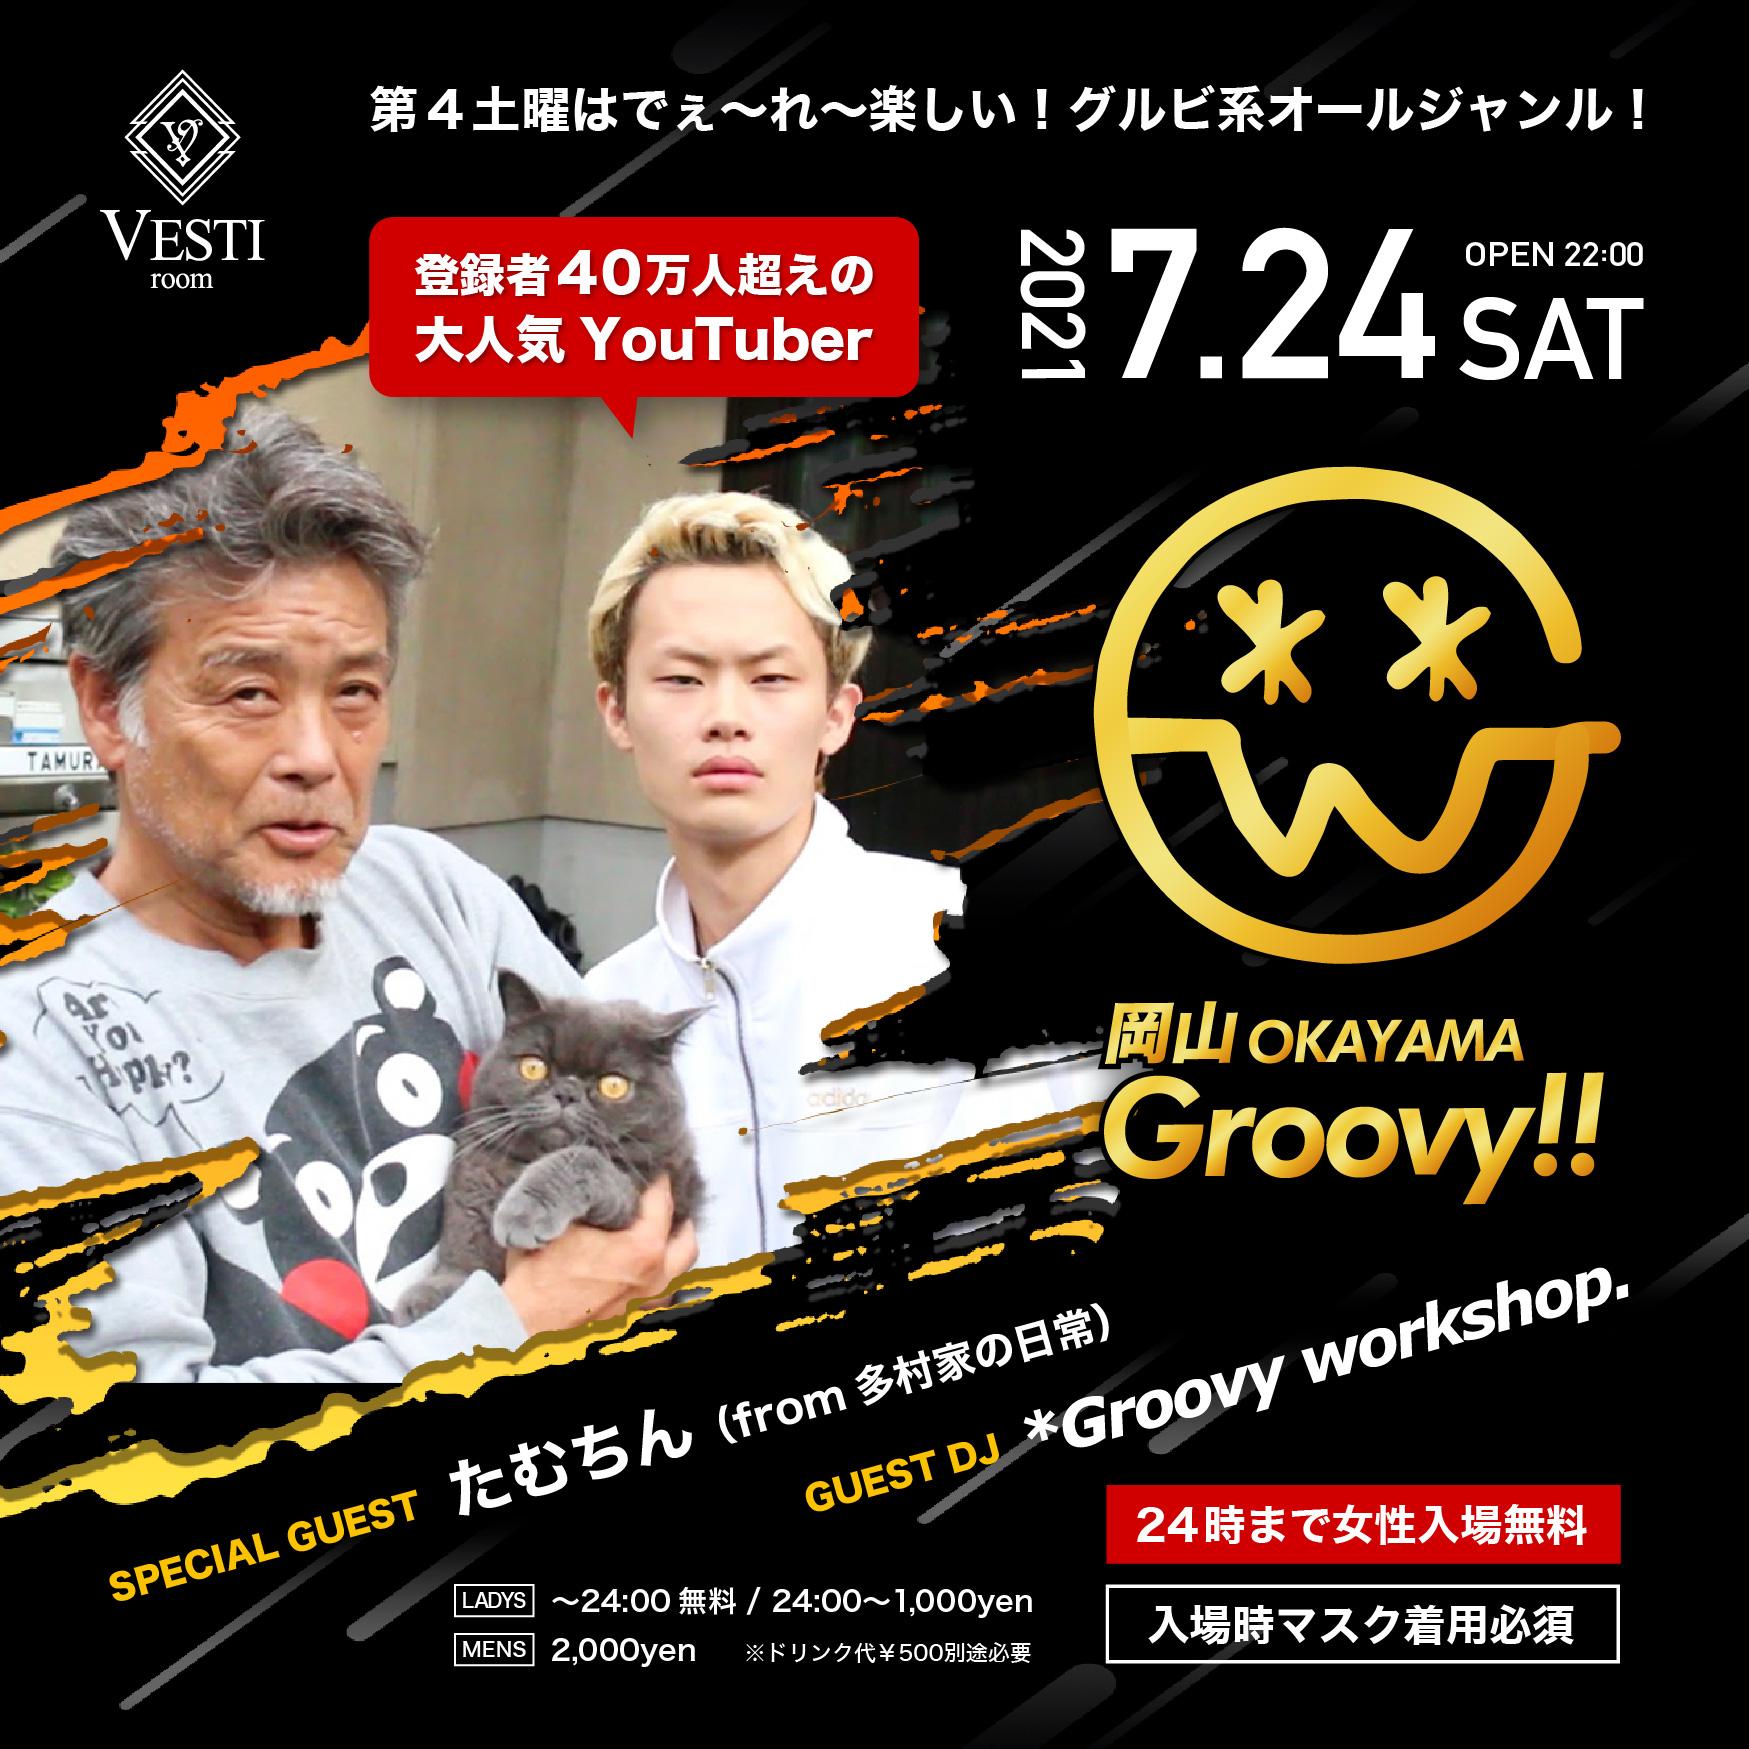 岡山Groovy!! ~SP Guest たむちん & DJ *Groovy workshop.~ 24時まで女性入場無料